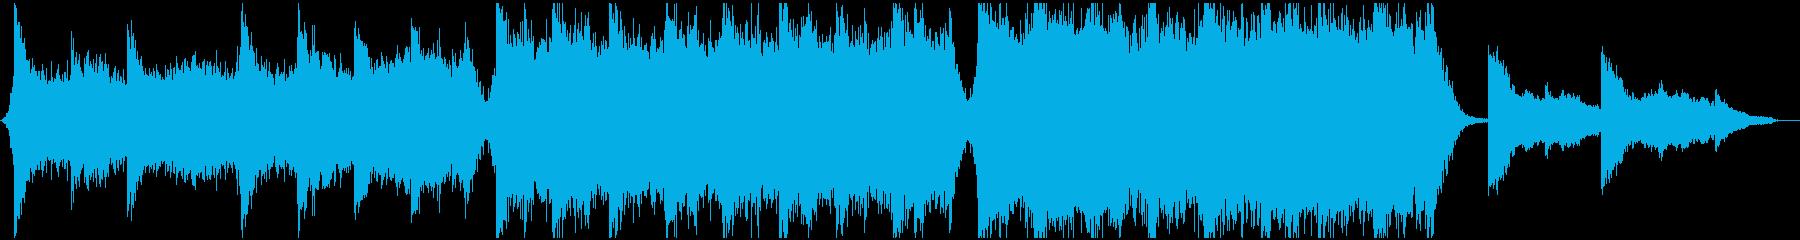 壮大なエピック系BGMの再生済みの波形